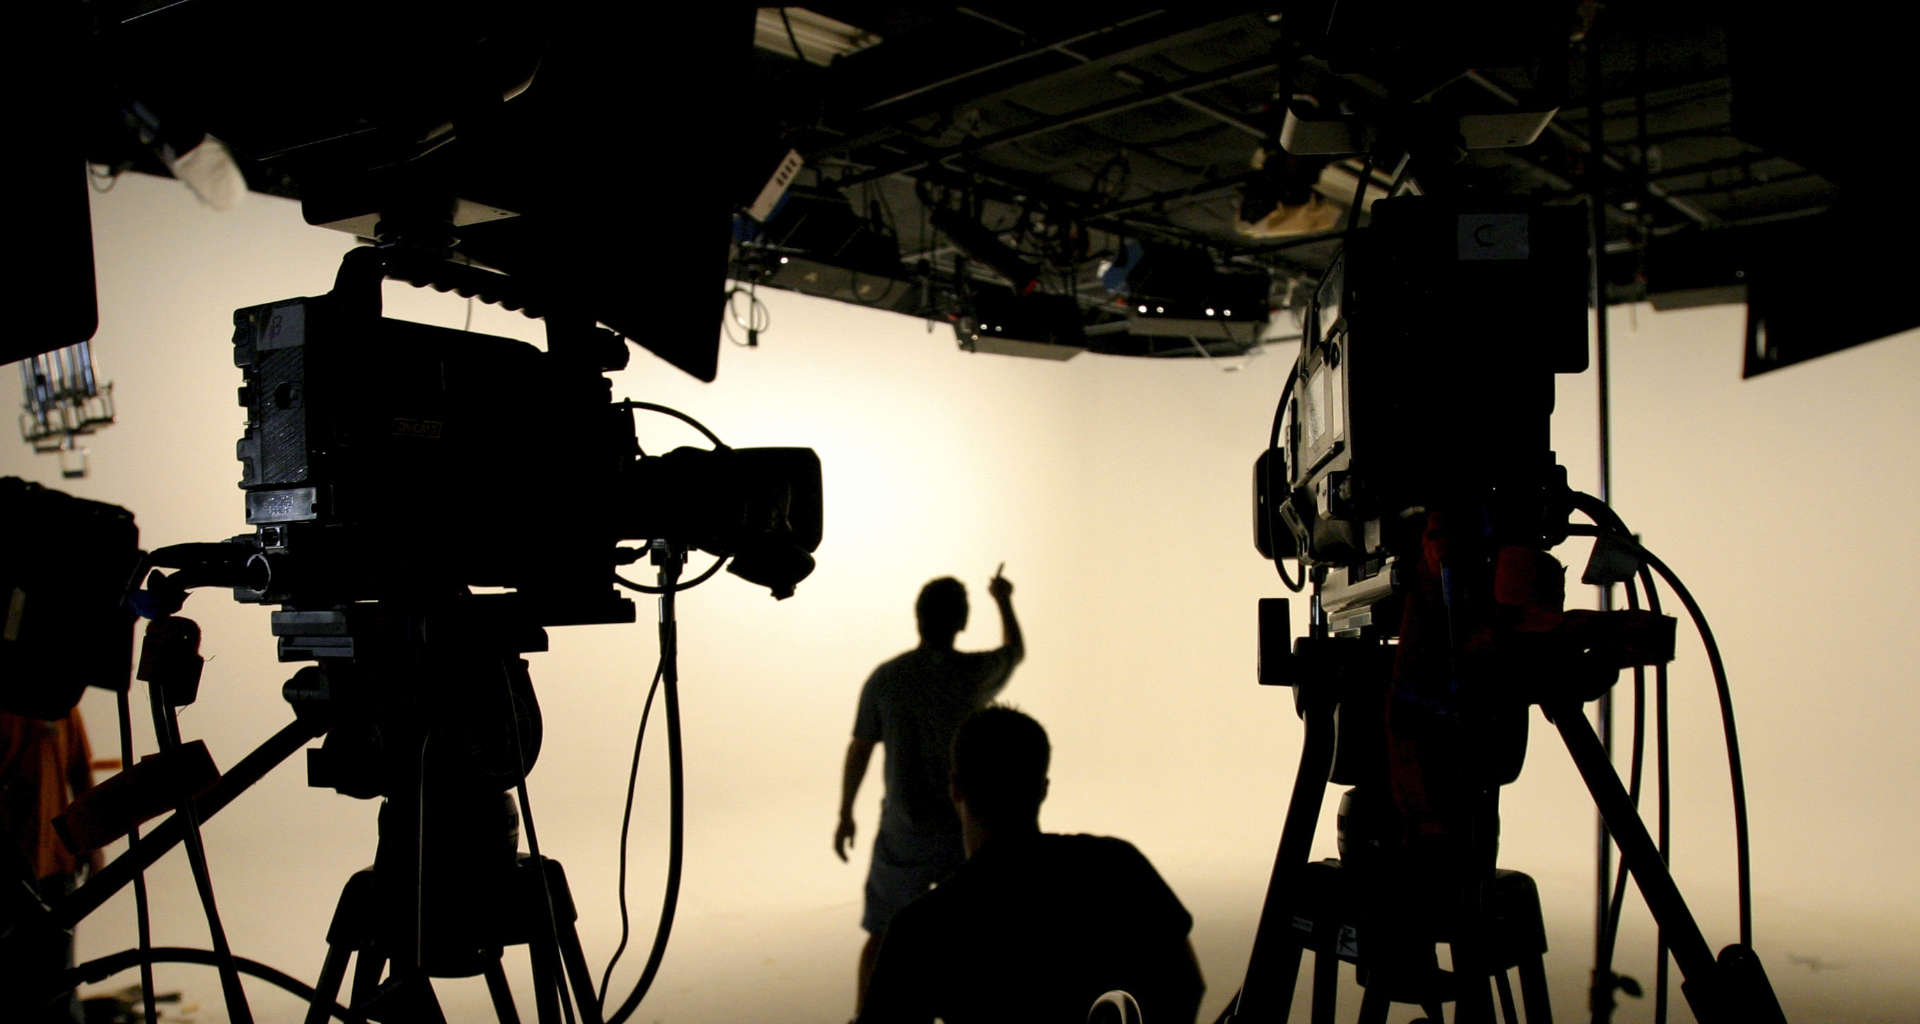 Potrebujete video producenta? Pomagali vam bomo najti pravega video producenta